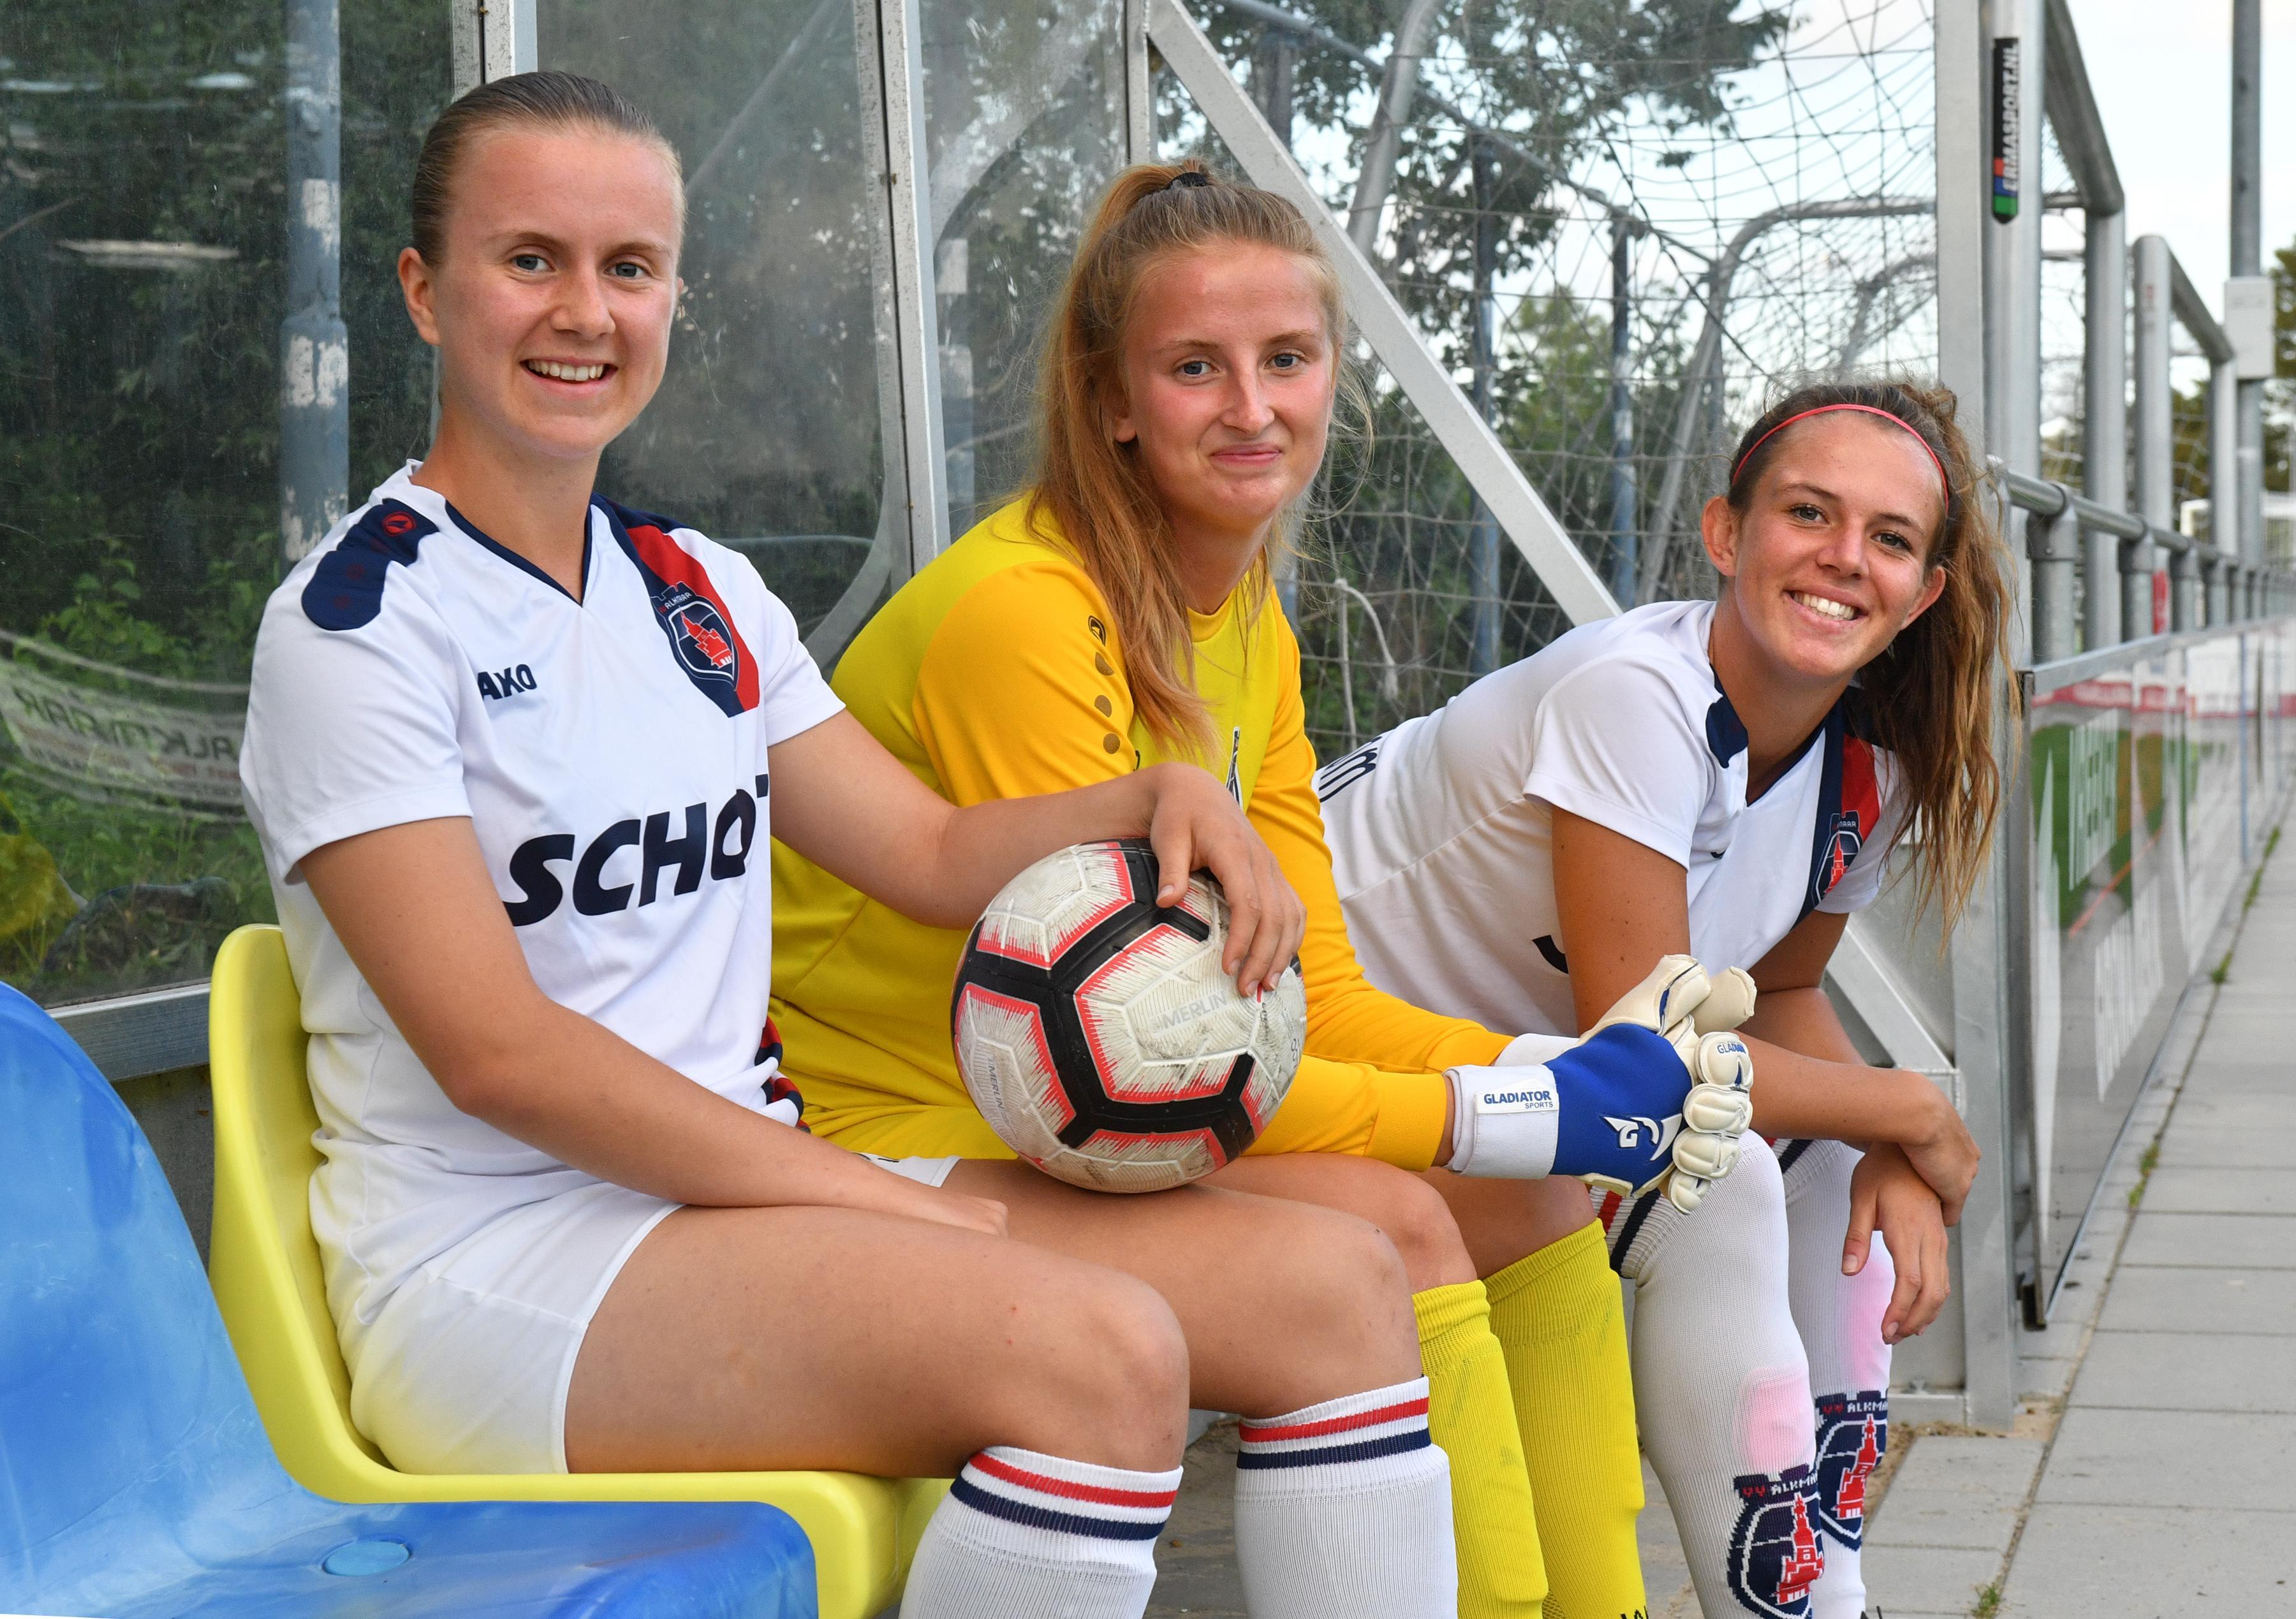 Kyah Coady, Henriikka Mäkelä en Natasha Brough willen met club naar de 'top of the league': Engels als voertaal bij VV Alkmaar